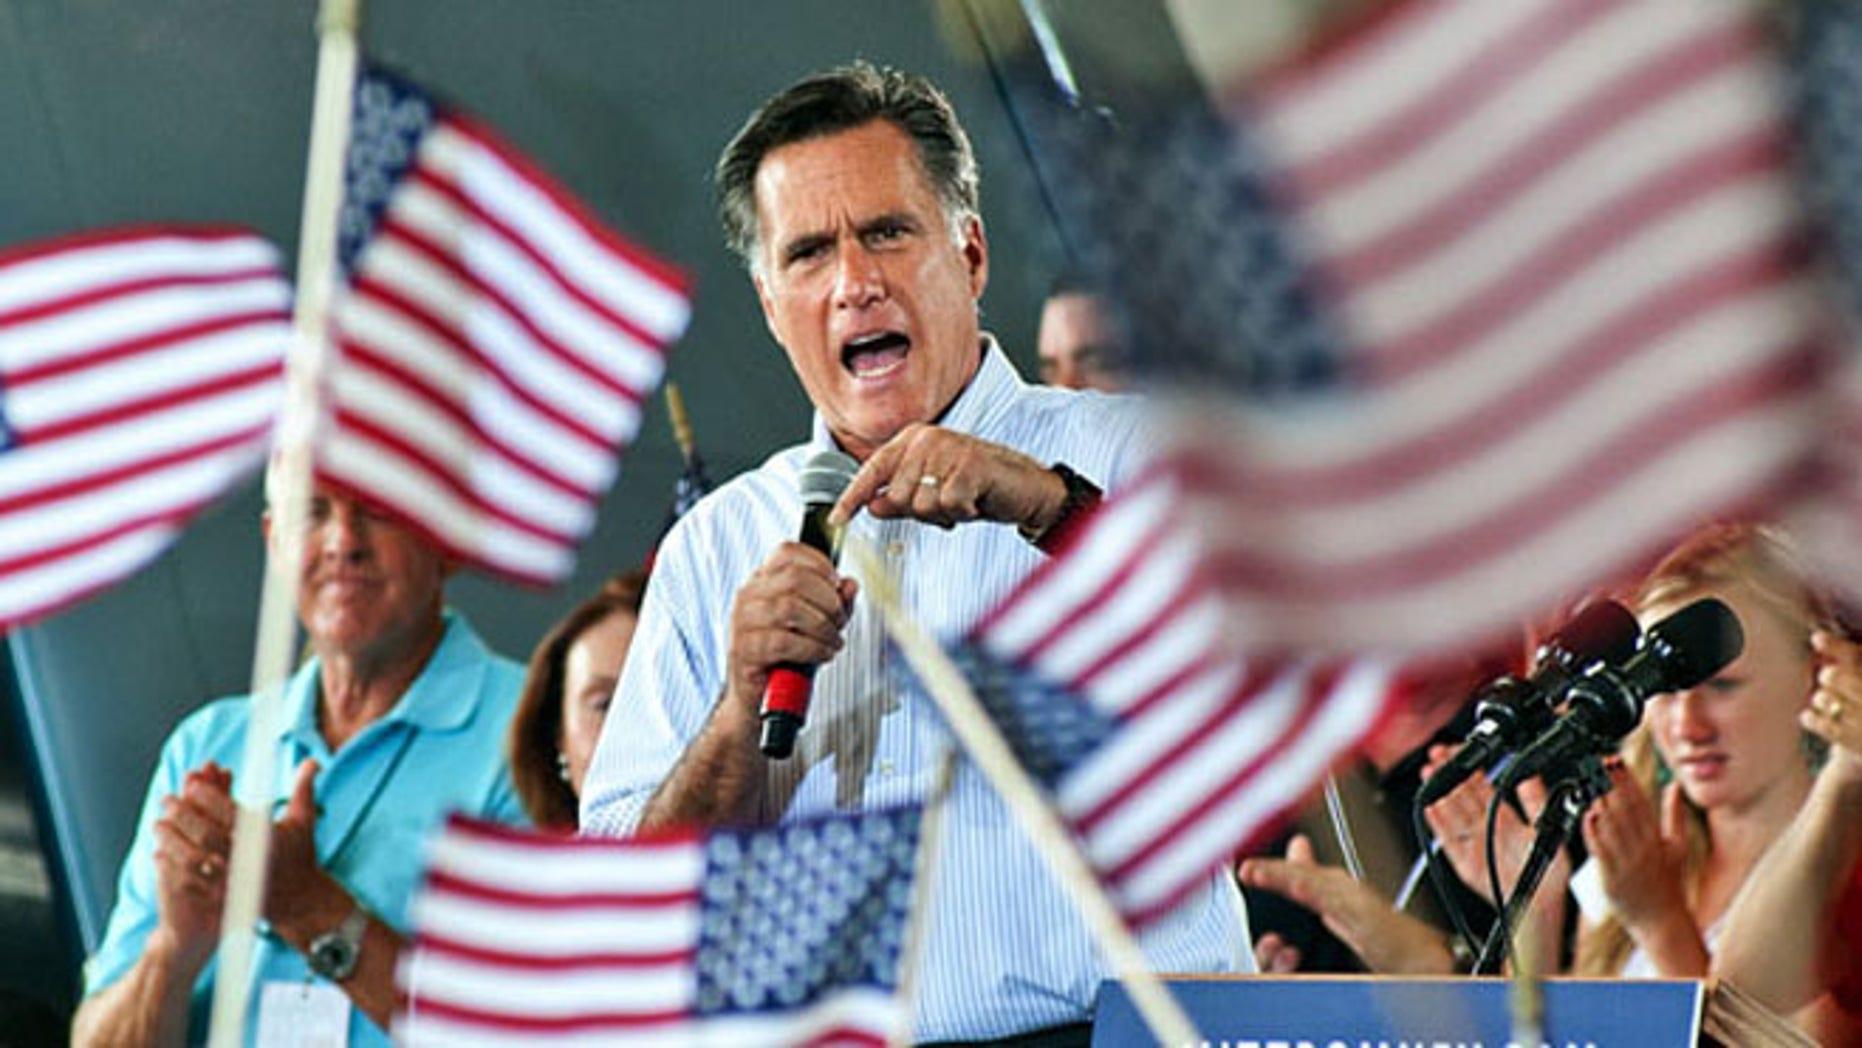 Mitt Romney speaks at a rally.